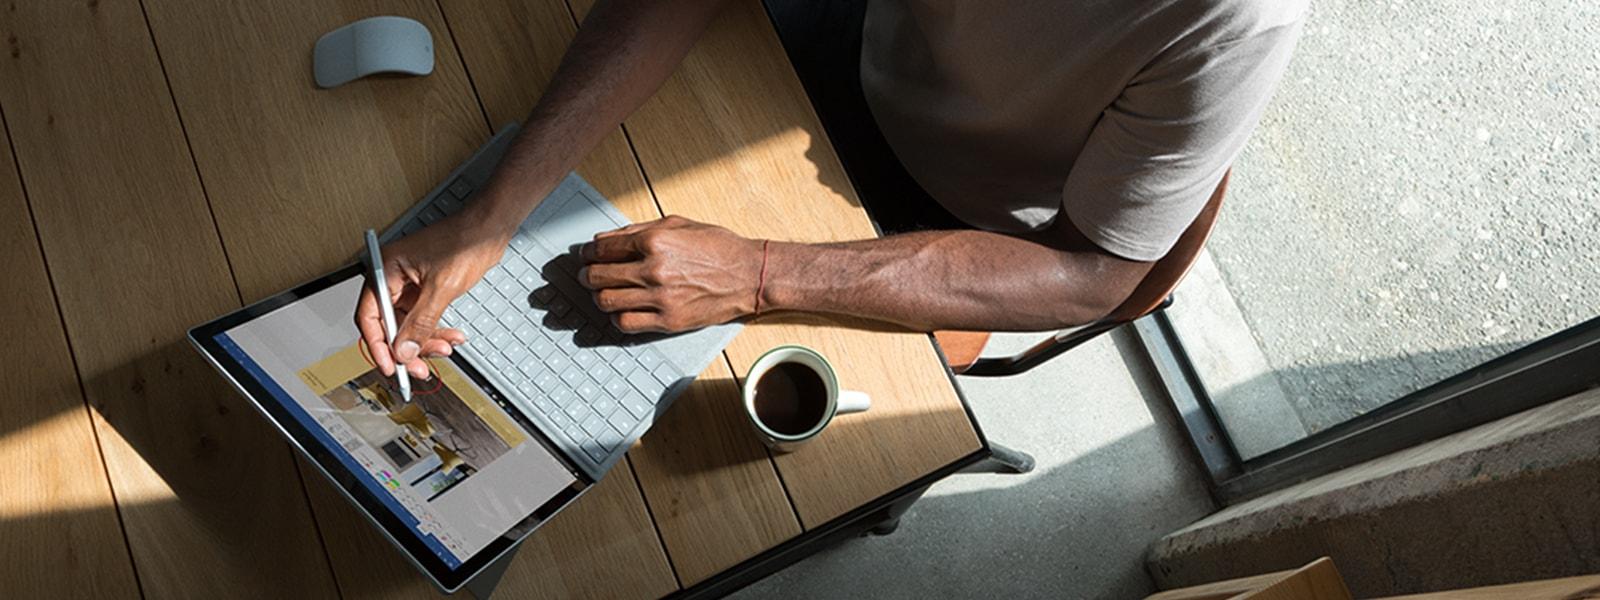 Mężczyzna używający pióra Surface Pen zSurface Pro wkawiarni.